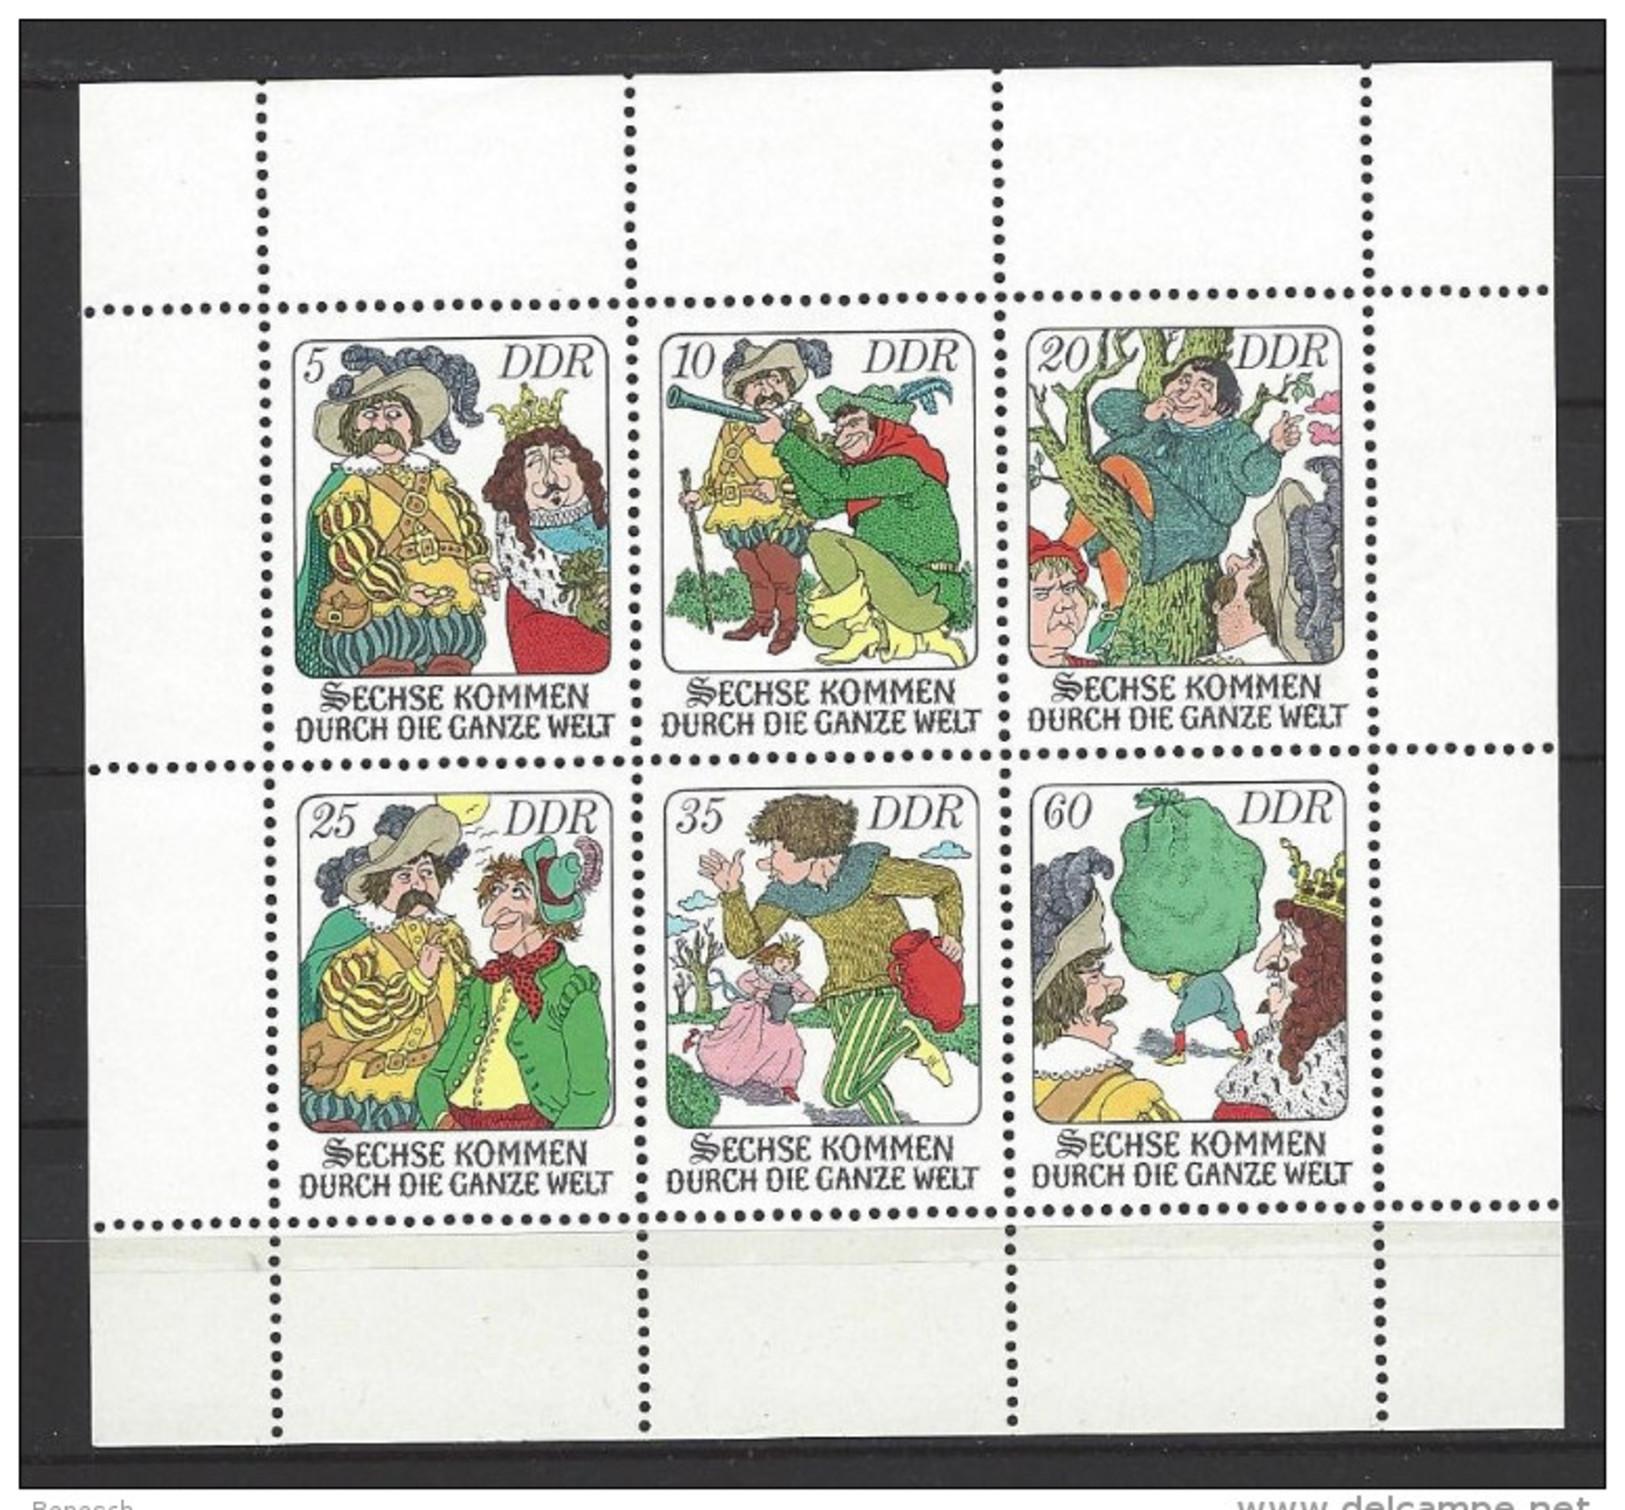 DDR Kleinbogen Mi-Nr. 2281 - 2286 Märchen Sechse Kommen Durch Die Ganze Welt Postfrisch - Bloques